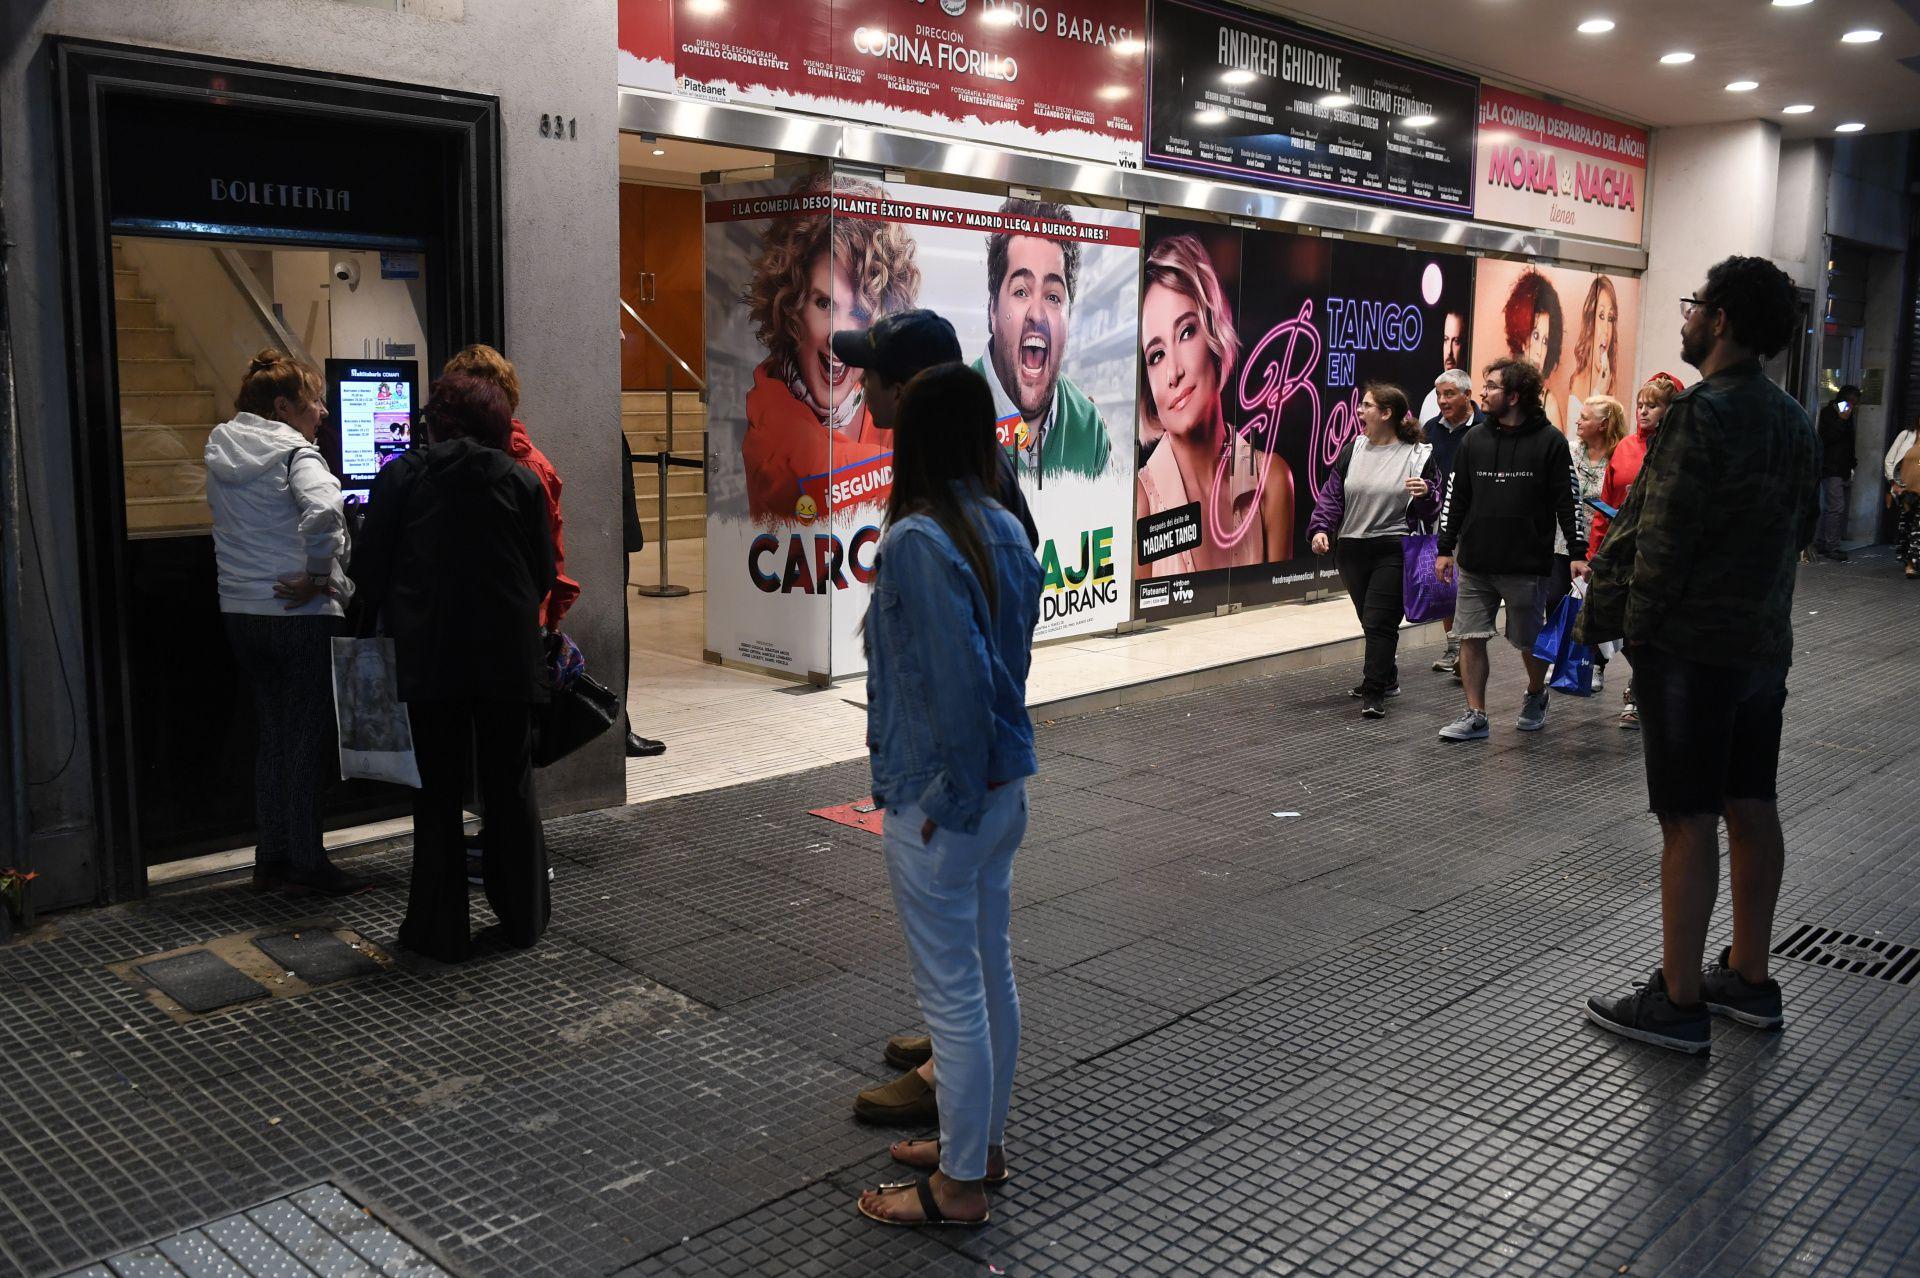 La calle Corrientes estará paralizada por las noches a raíz del brote del coronavirus (Foto: Maximiliano Luna)